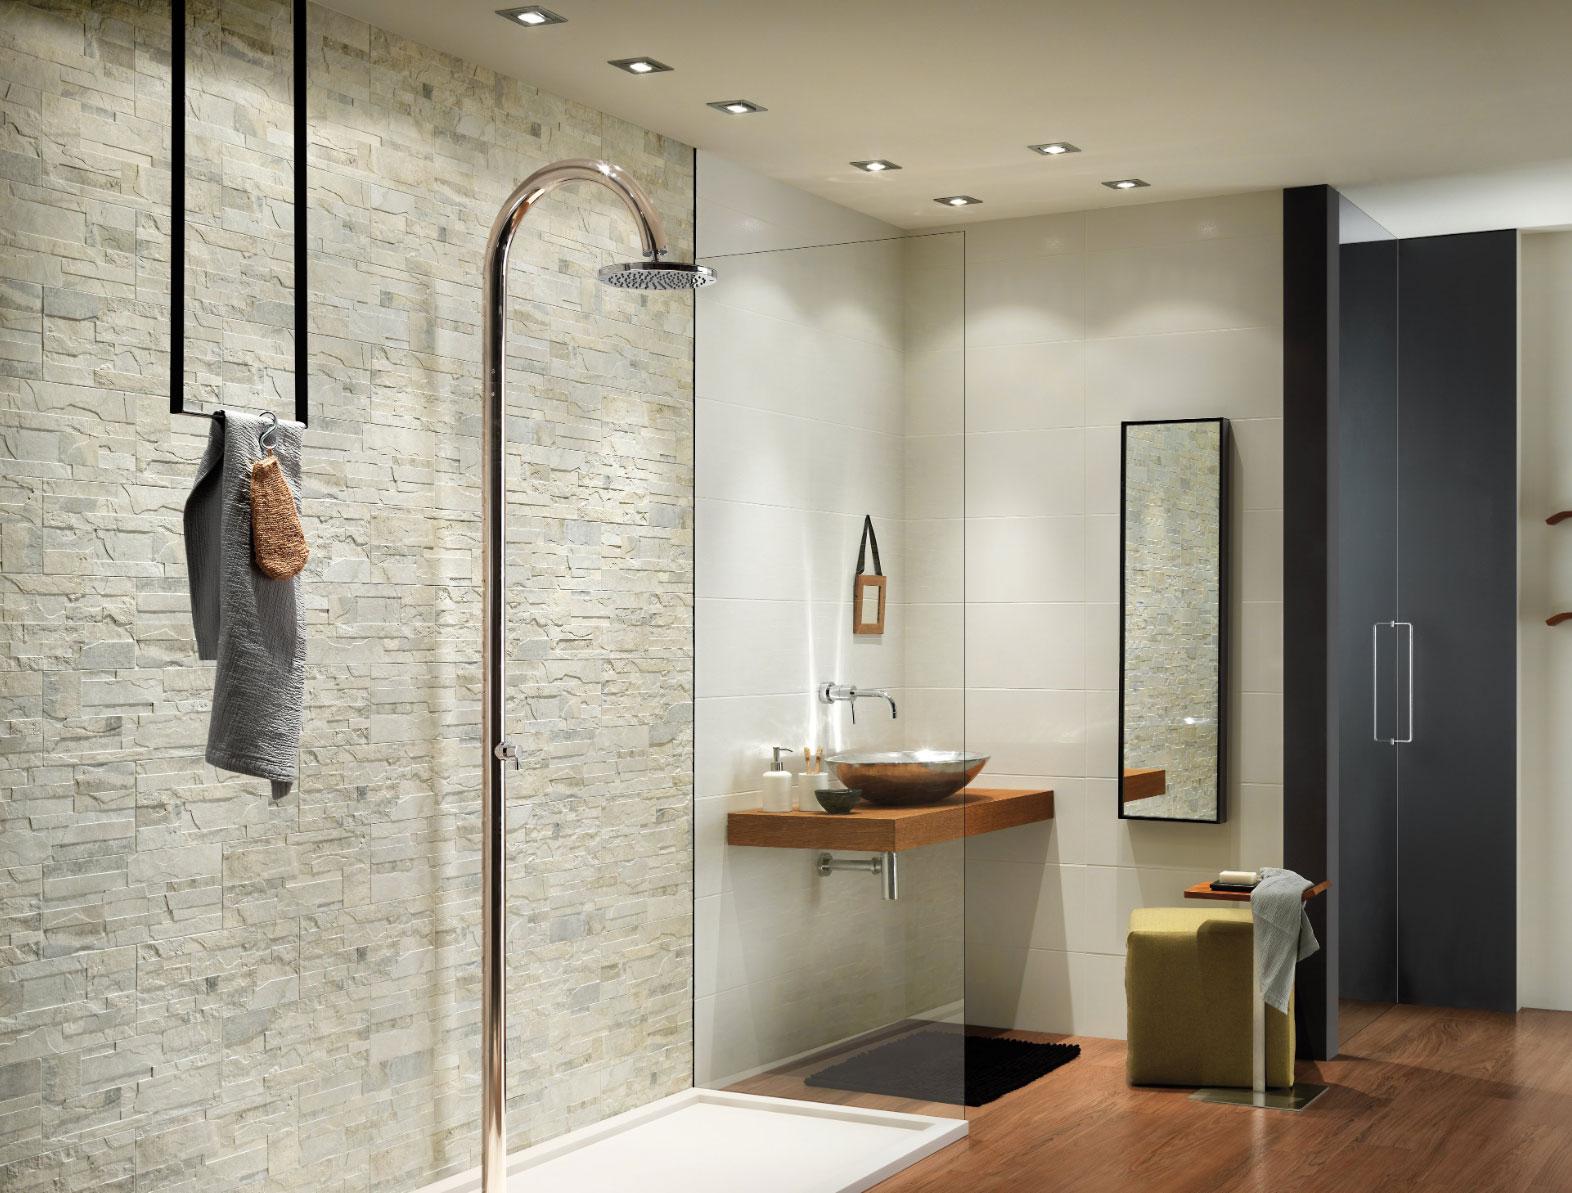 Renovatie Badkamer Tegels : Badkamerrenovatie badkamer renoveren? mogelijk binnen 10 werkdagen